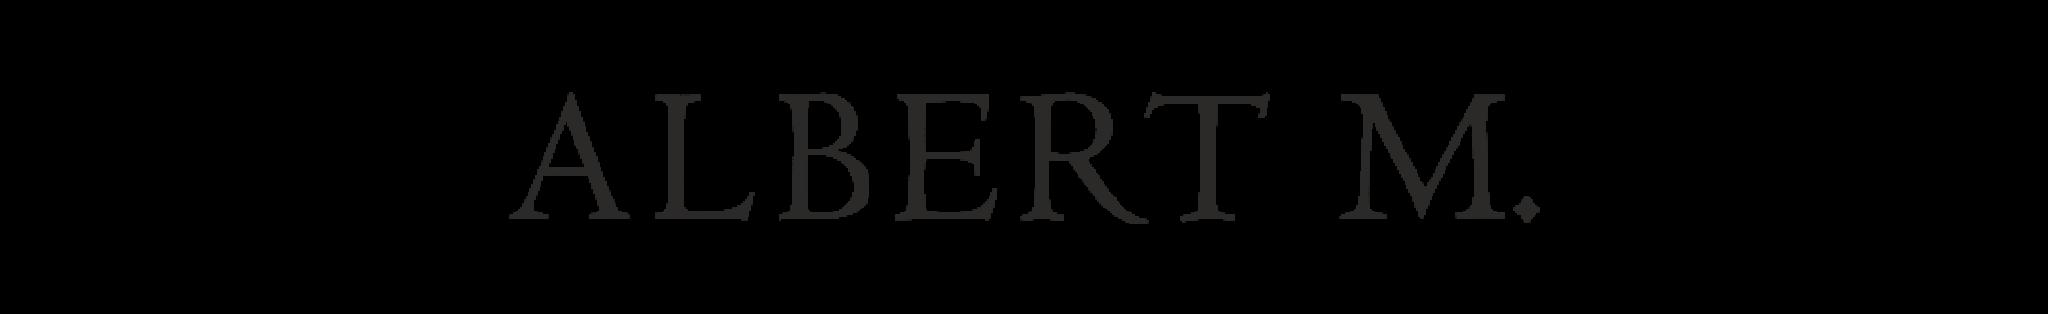 logotipo albert m